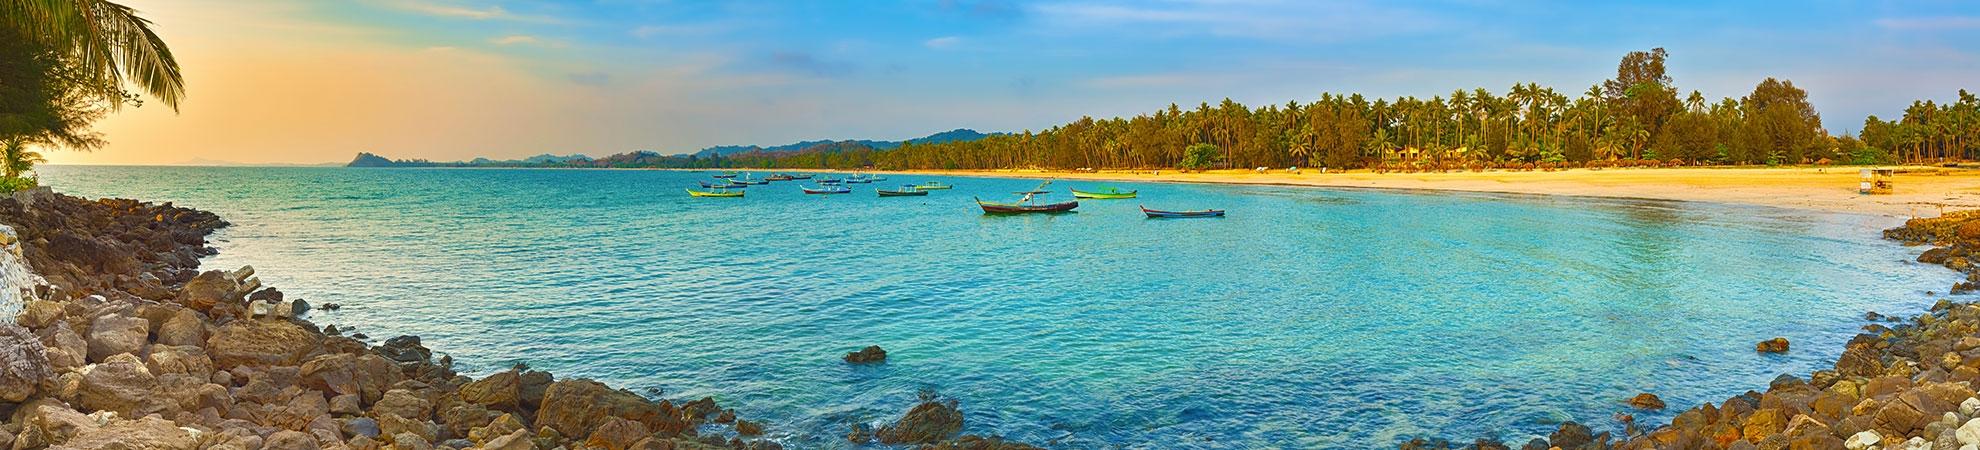 Voyage Ile de Bilu